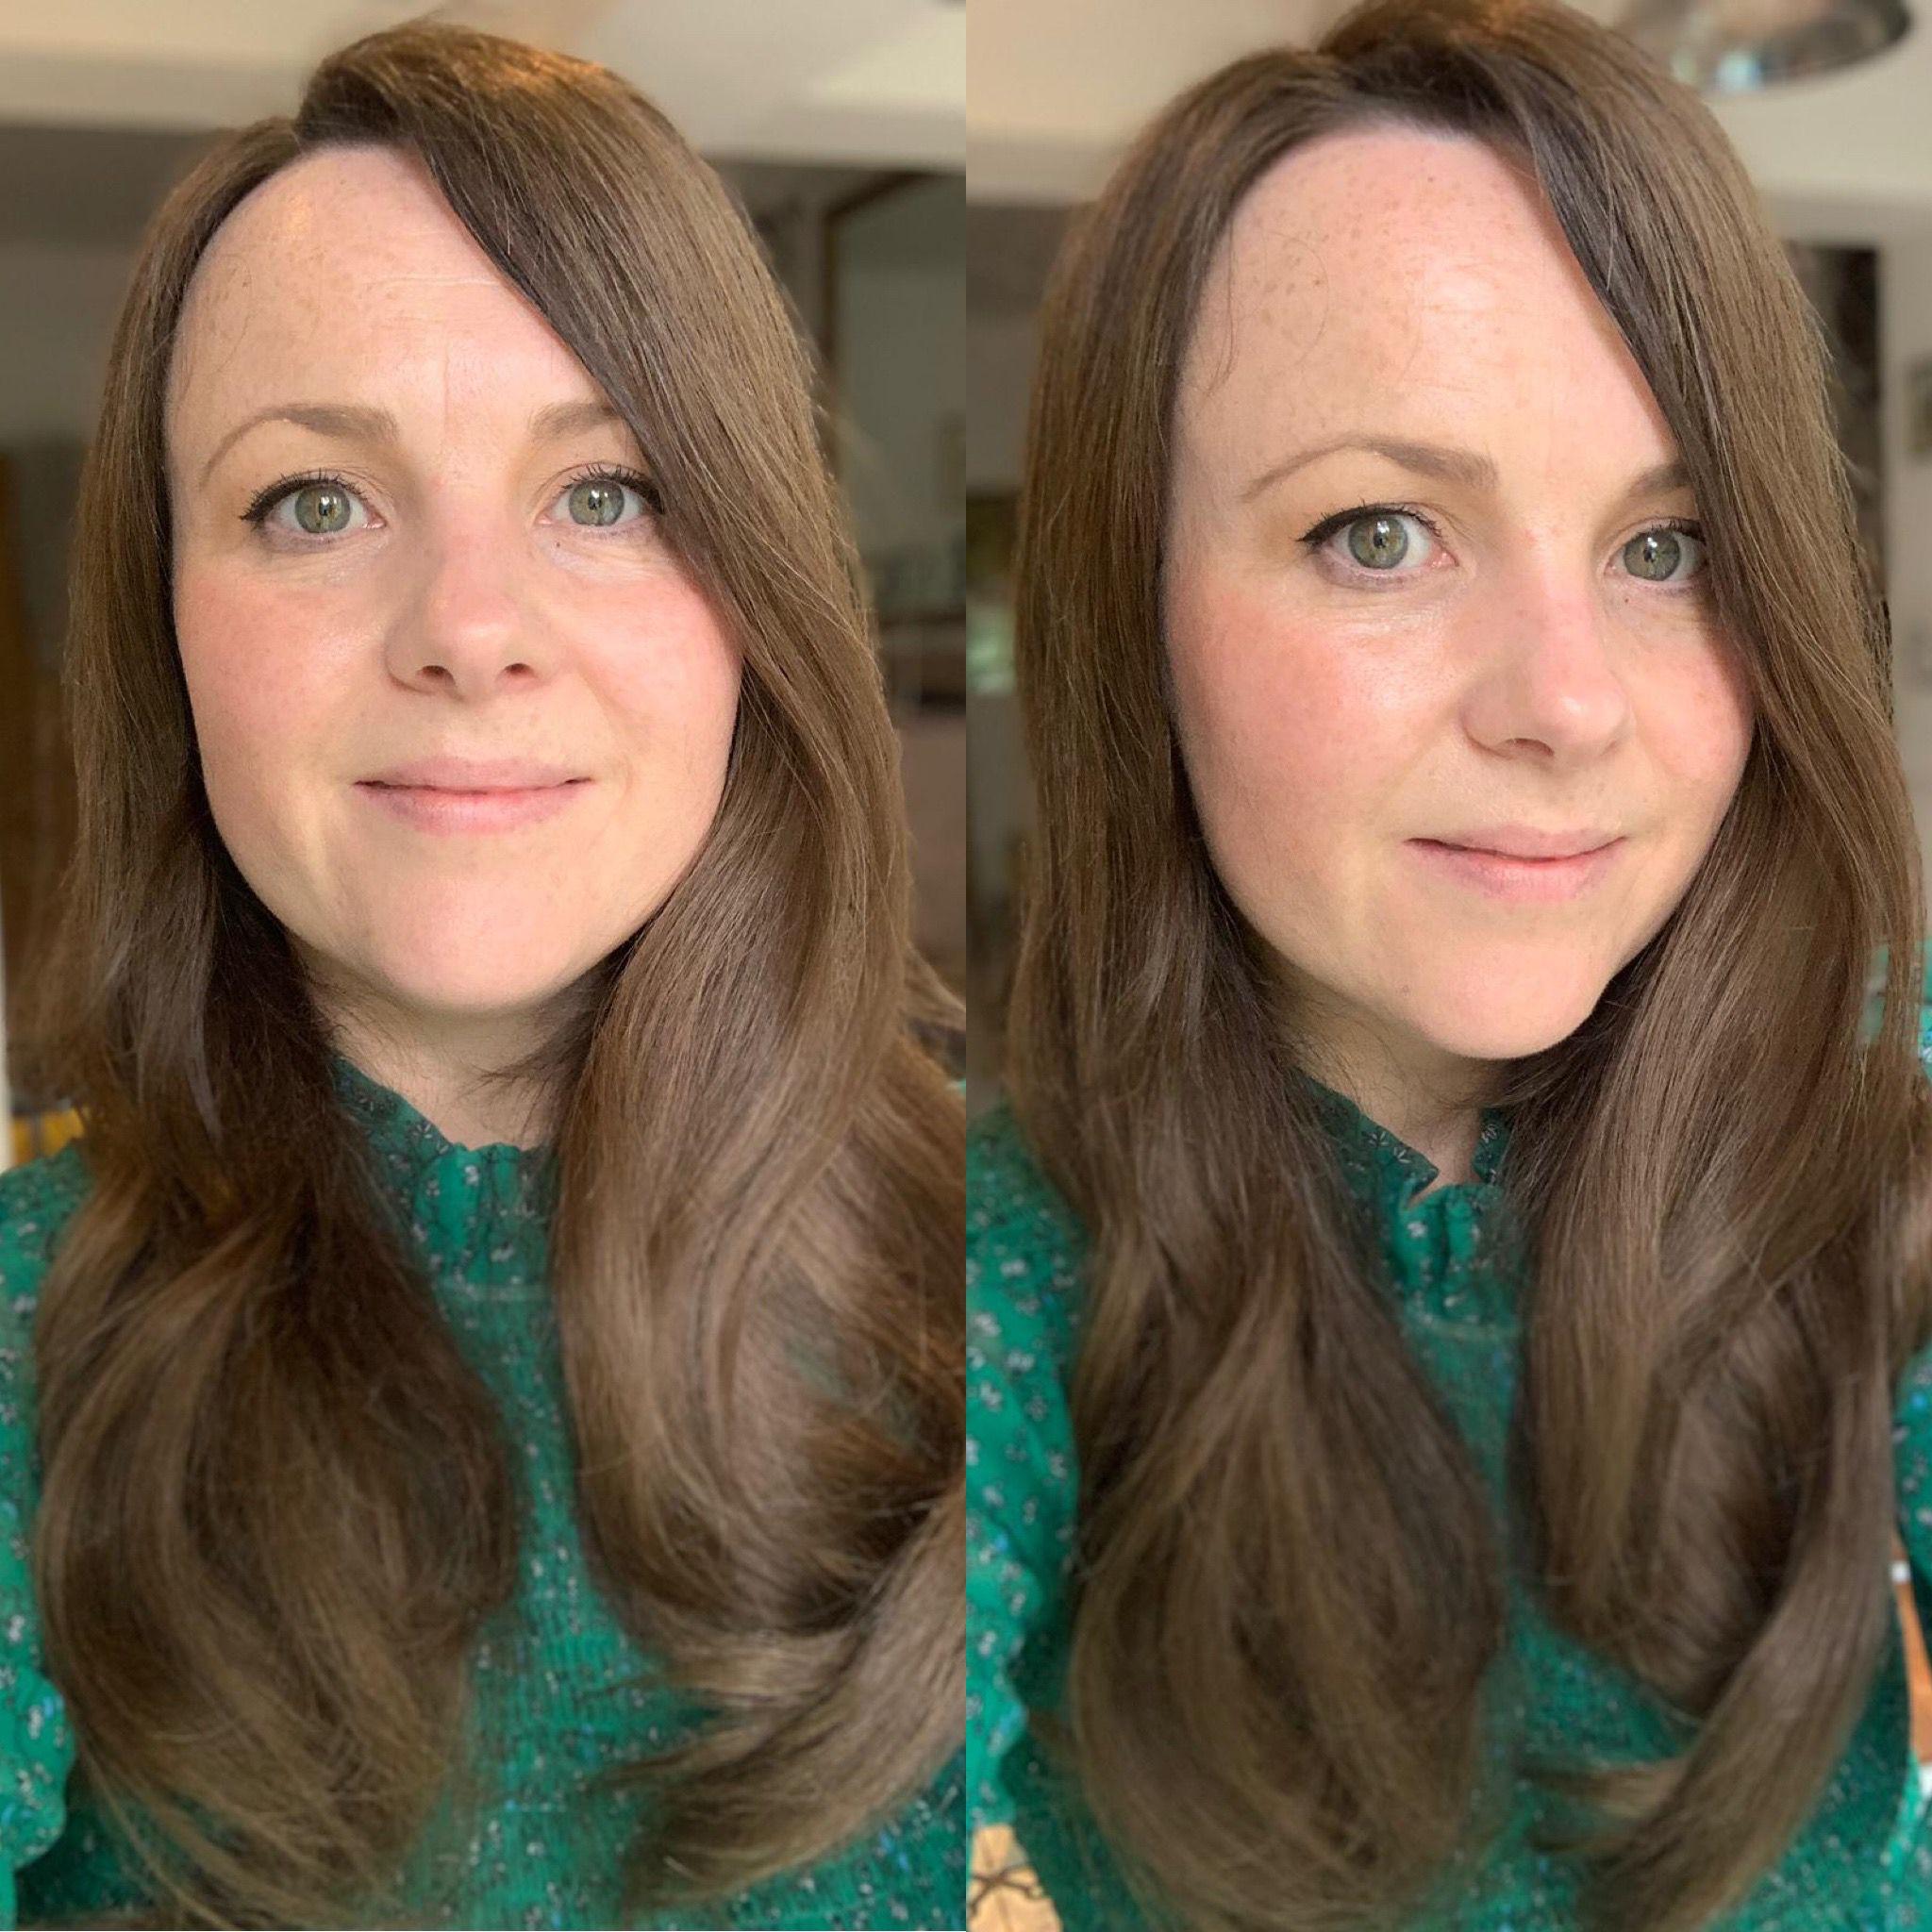 hair topper hair loss chemo